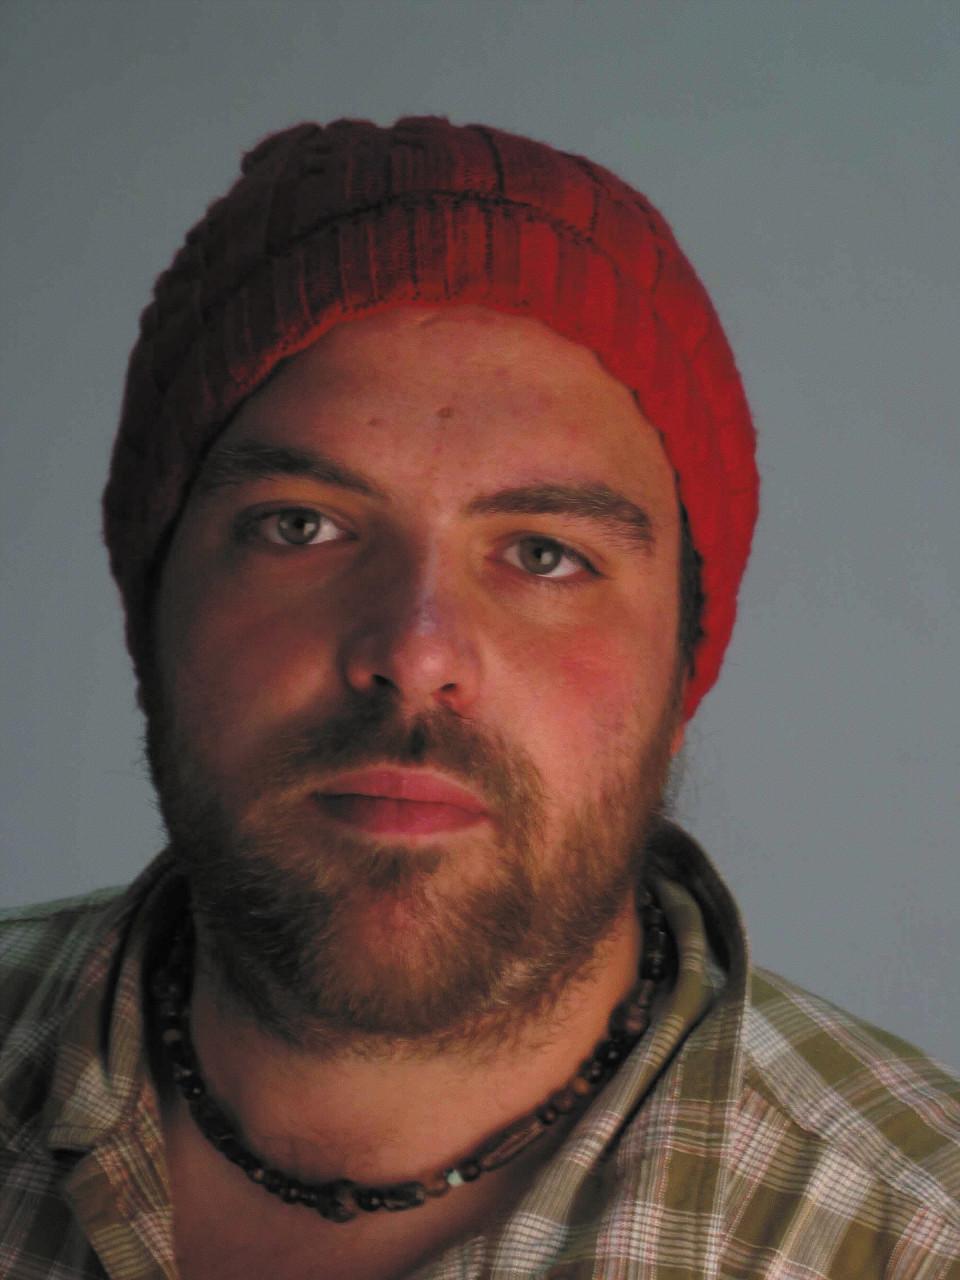 Érick d'Orion [Photo: John Oswald, 2002]